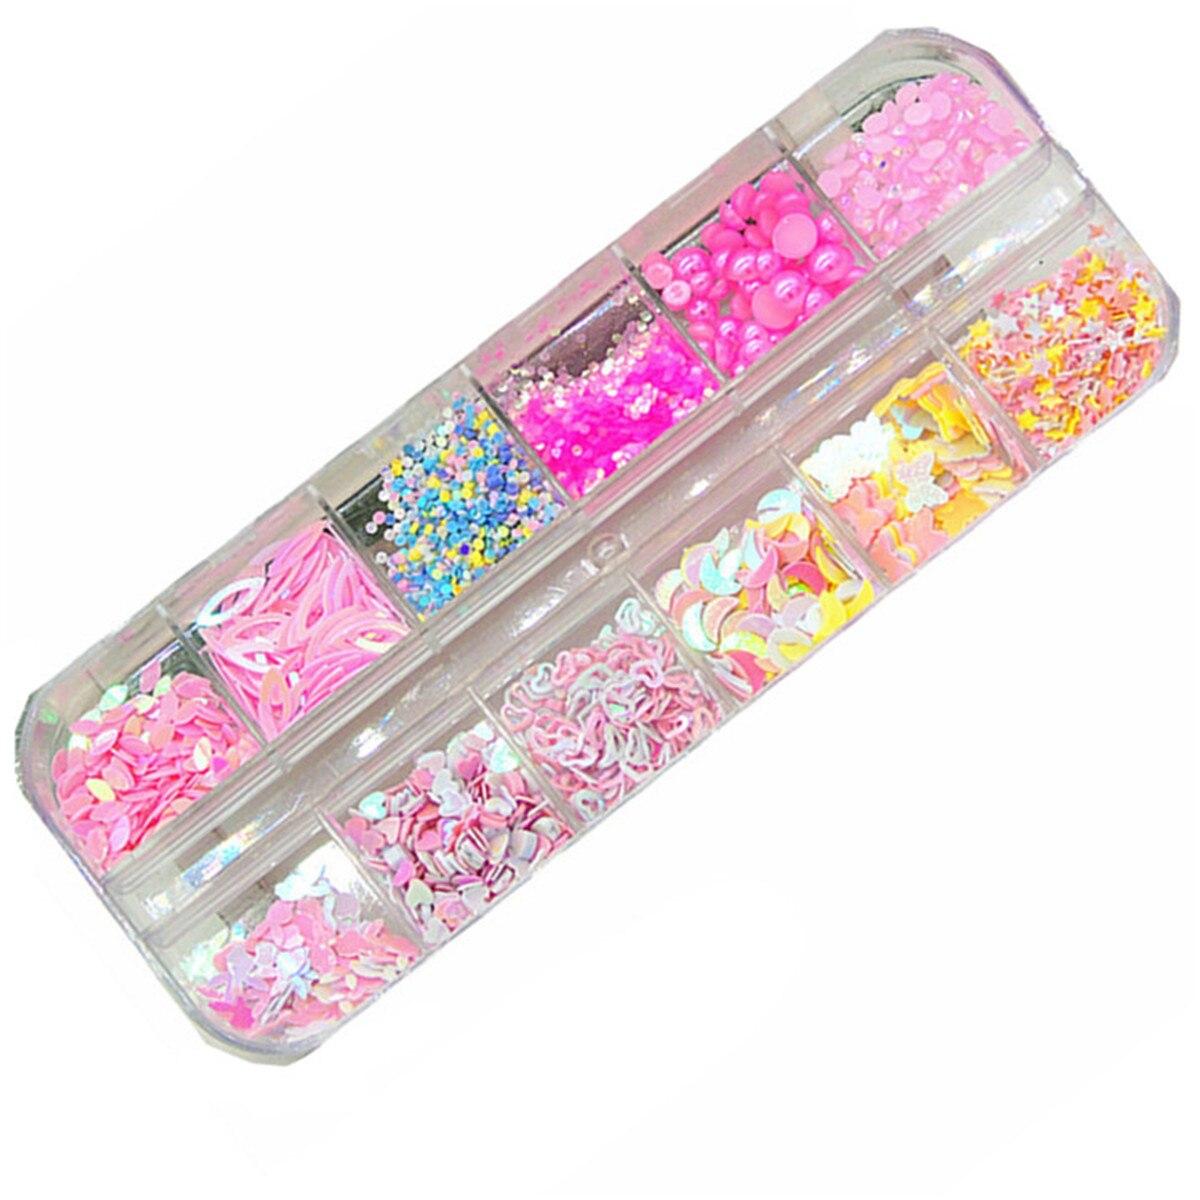 Holo redondo lentejuelas círculos Pot Rosa amor decoración de uñas con perlas decoraciones uñas paillette de brillo copos accesorios herramientas de manicura